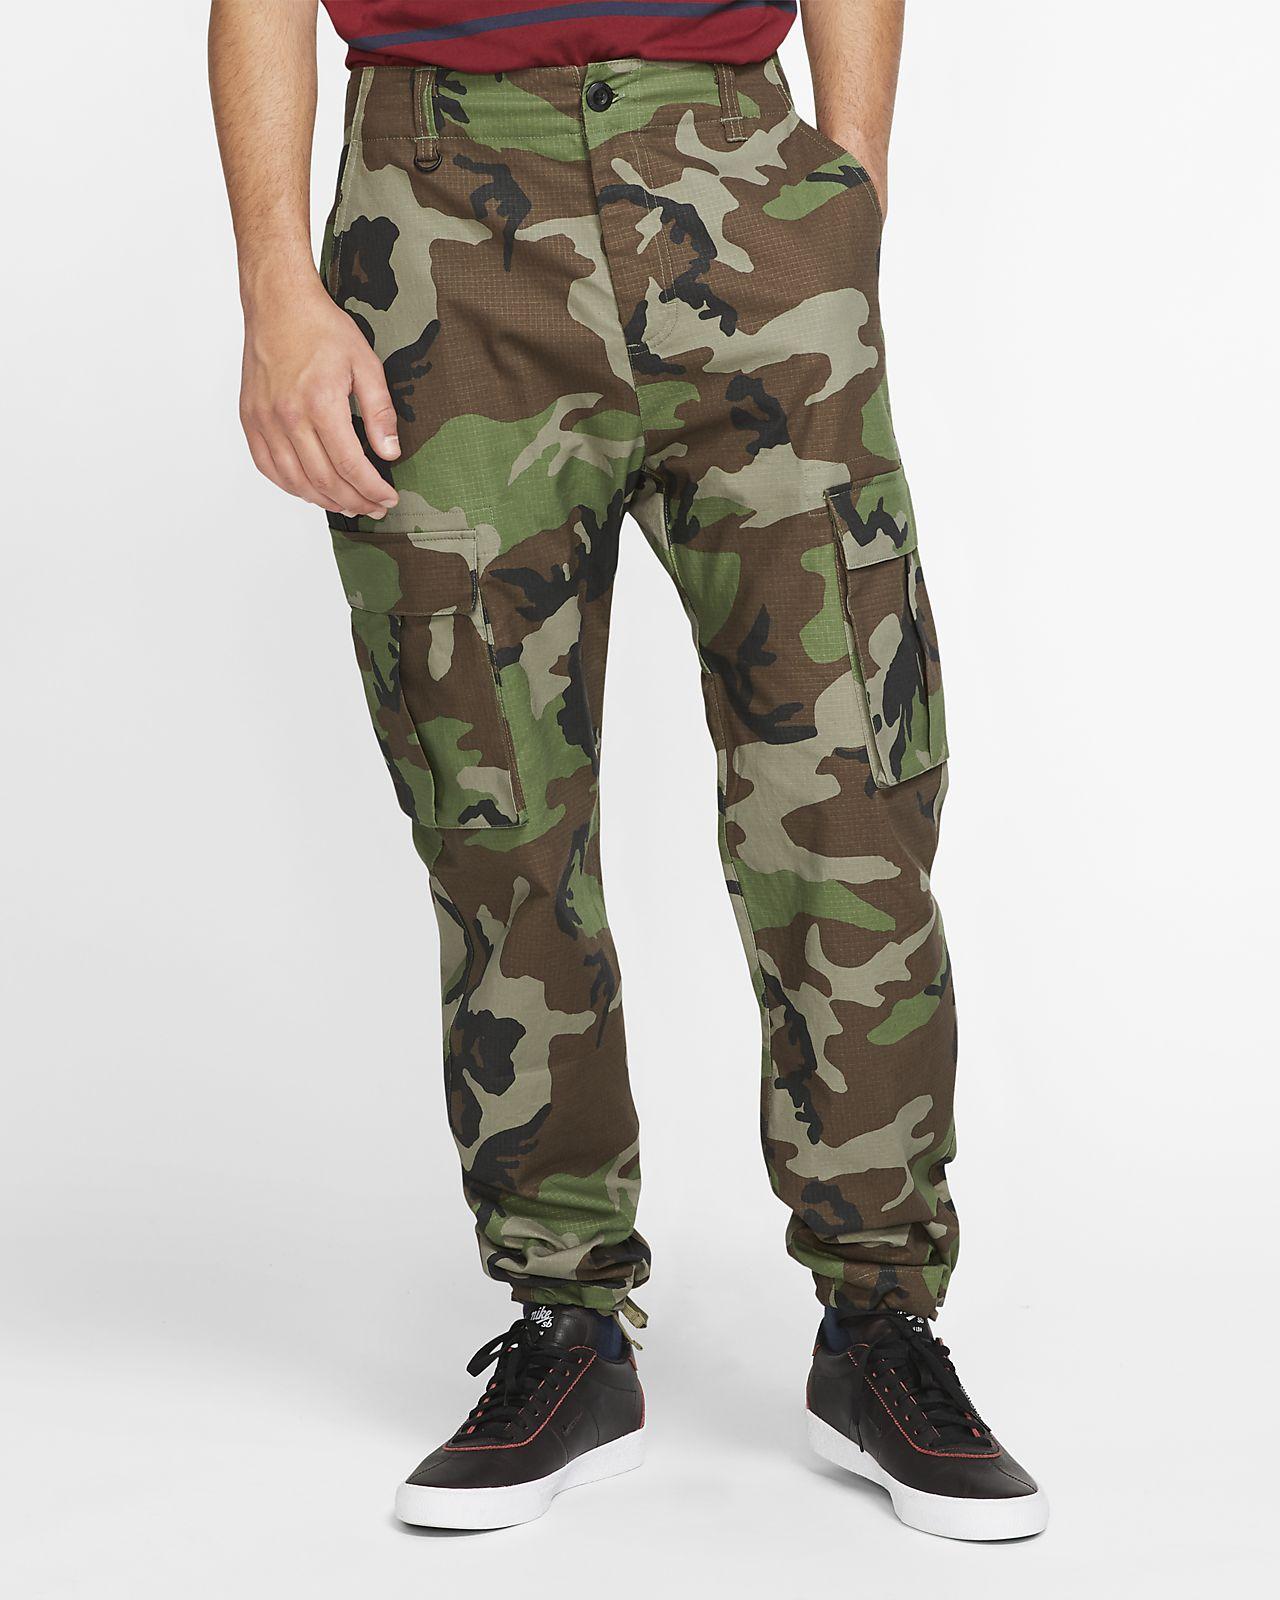 Nike SB Flex FTM Cargo-skatebroek met camouflageprint voor heren